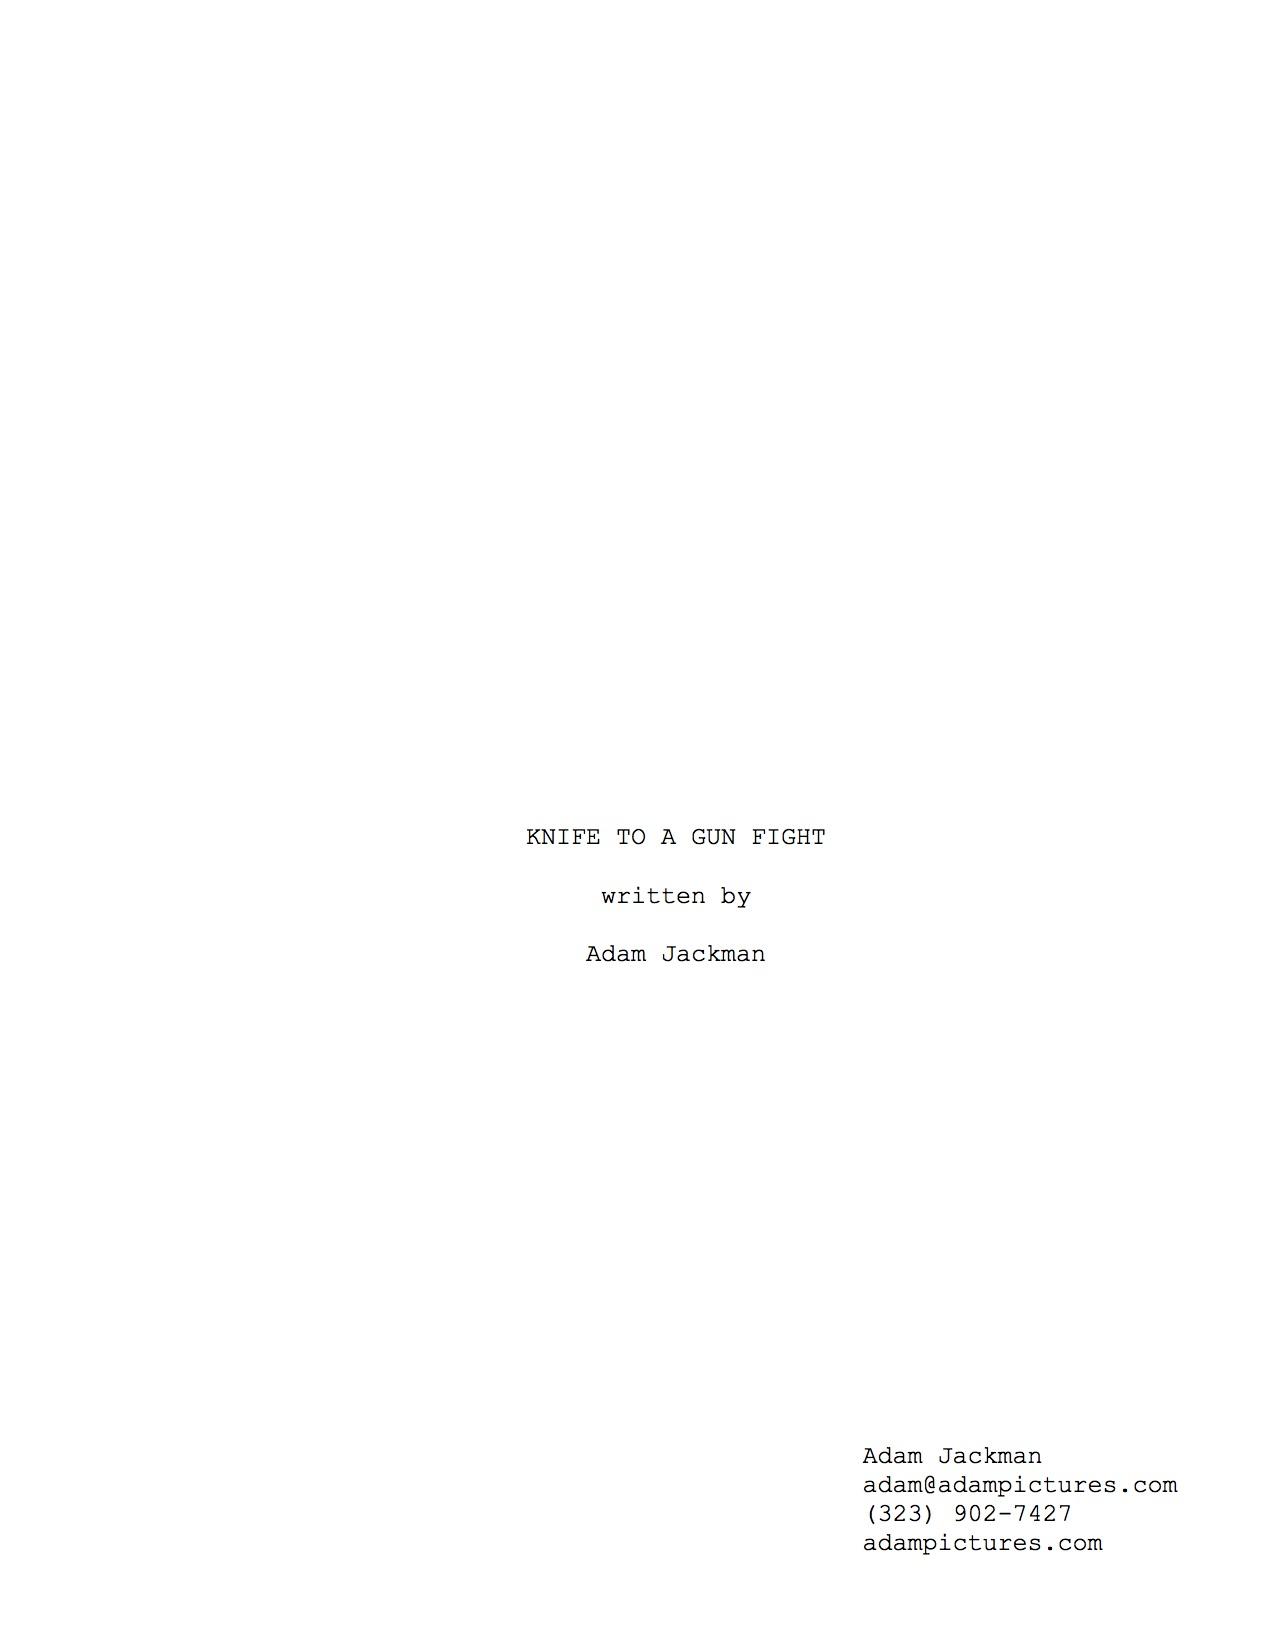 sample screenplay k2agf preview adam jackman